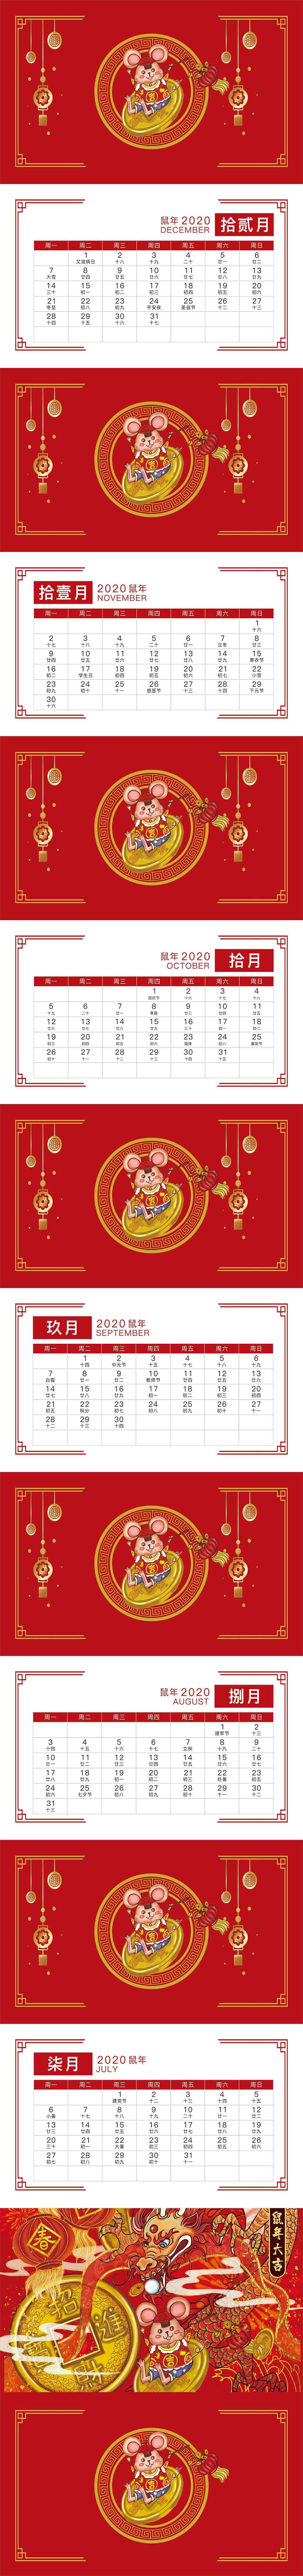 国潮风红色创意鼠年台历-详情页.jpg